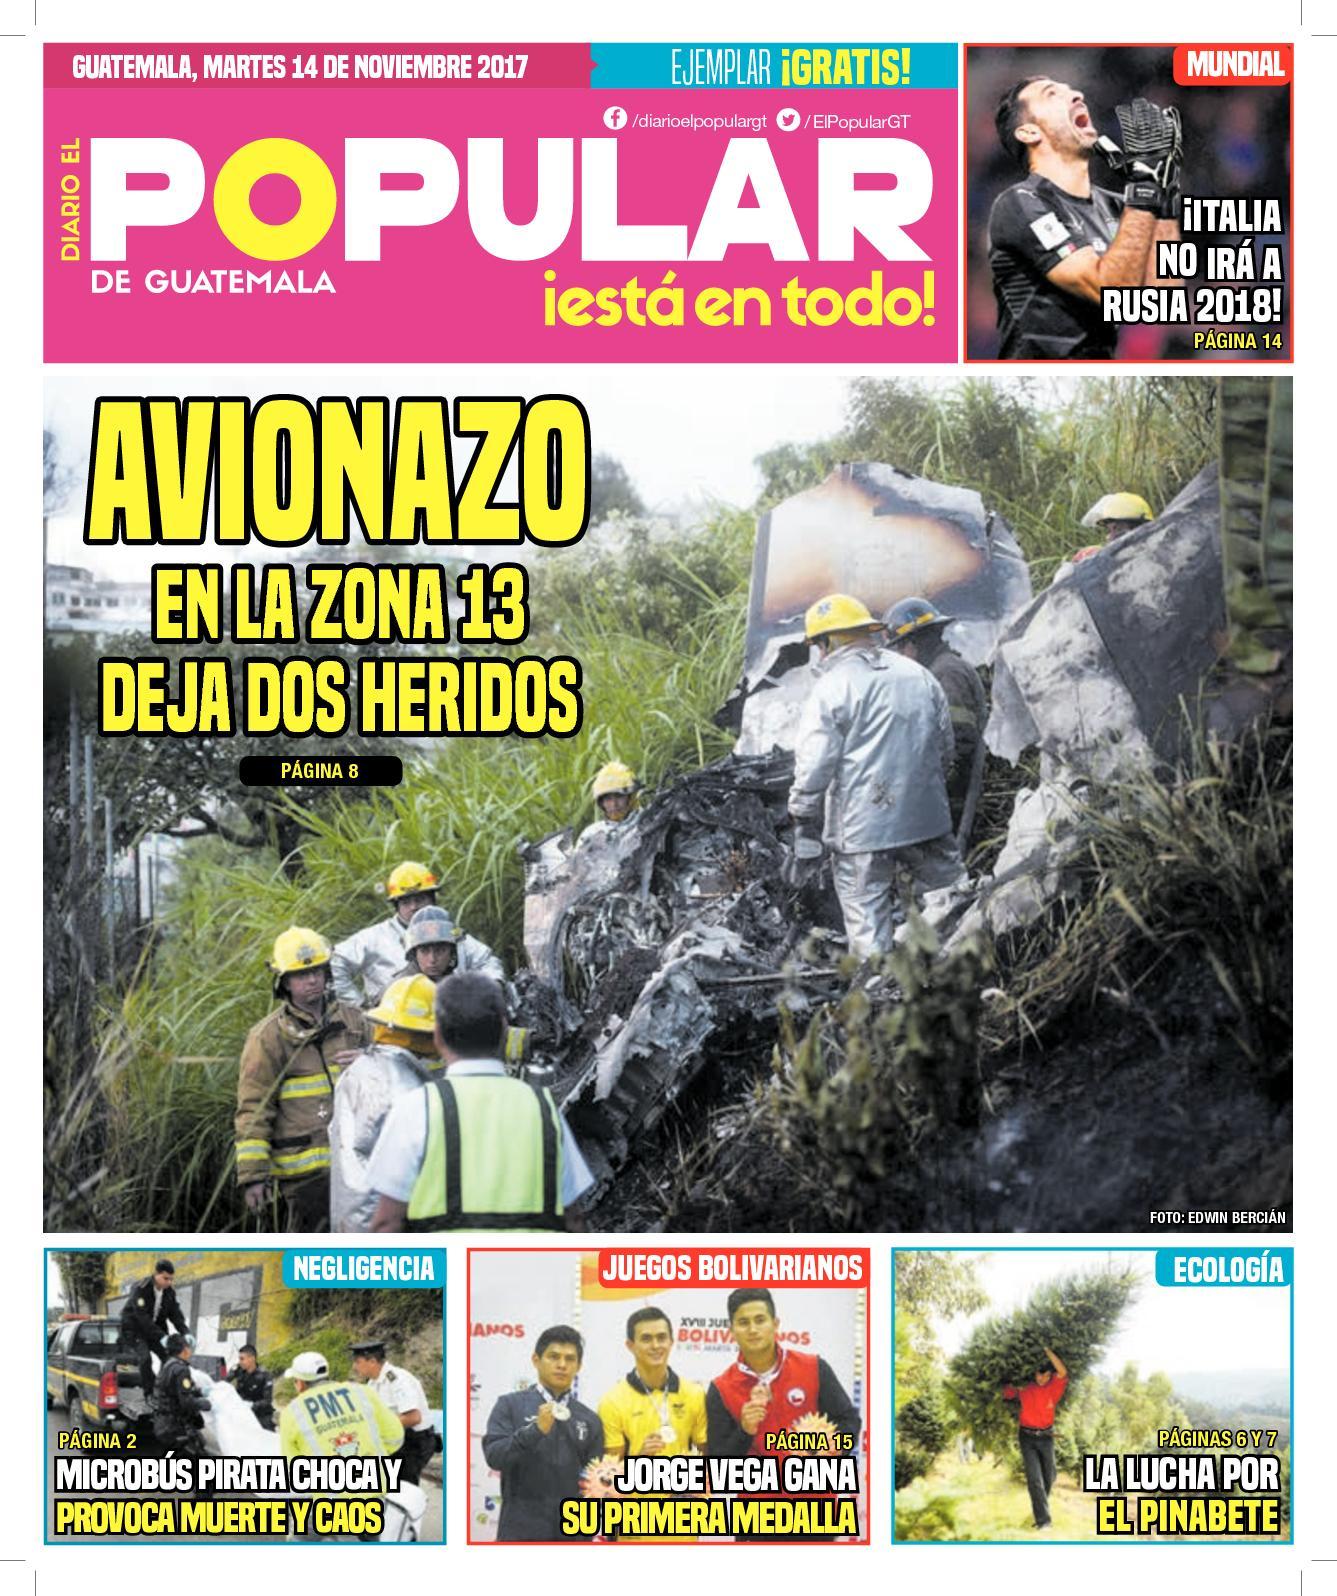 EL POPULAR GUATEMALA 14112017